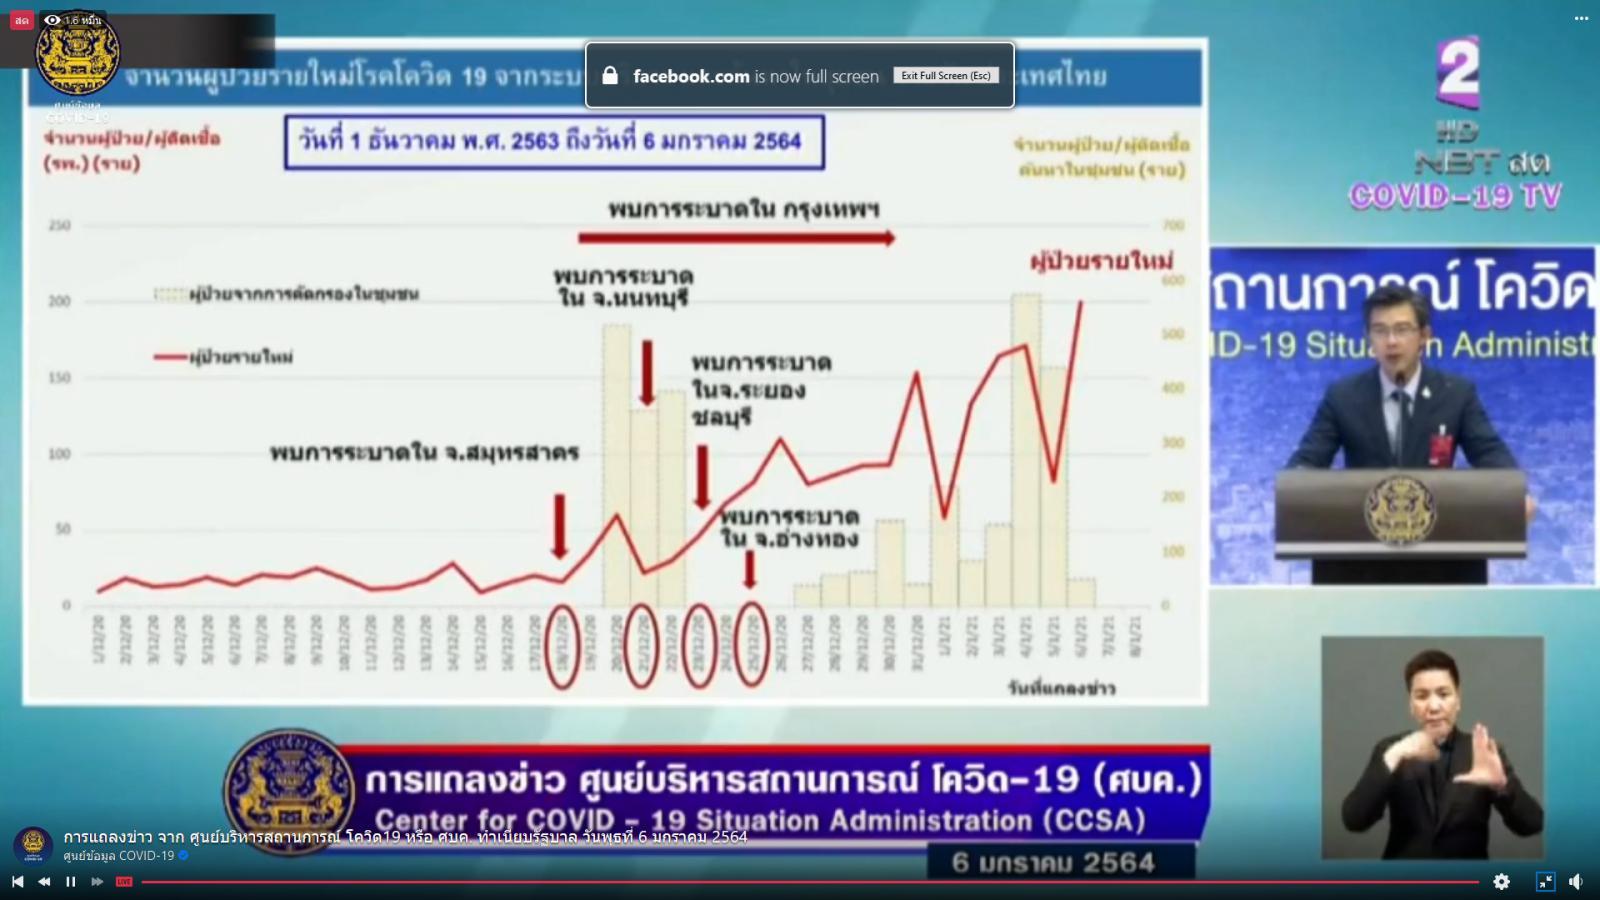 ศบค.ห่วง ติดเชื้อในประเทศพุ่ง 250 แนวโน้มป่วยหนักเพิ่ม เสียชีวิต อีก 1 เปิดไทม์ไลน์ อาการวิกฤต